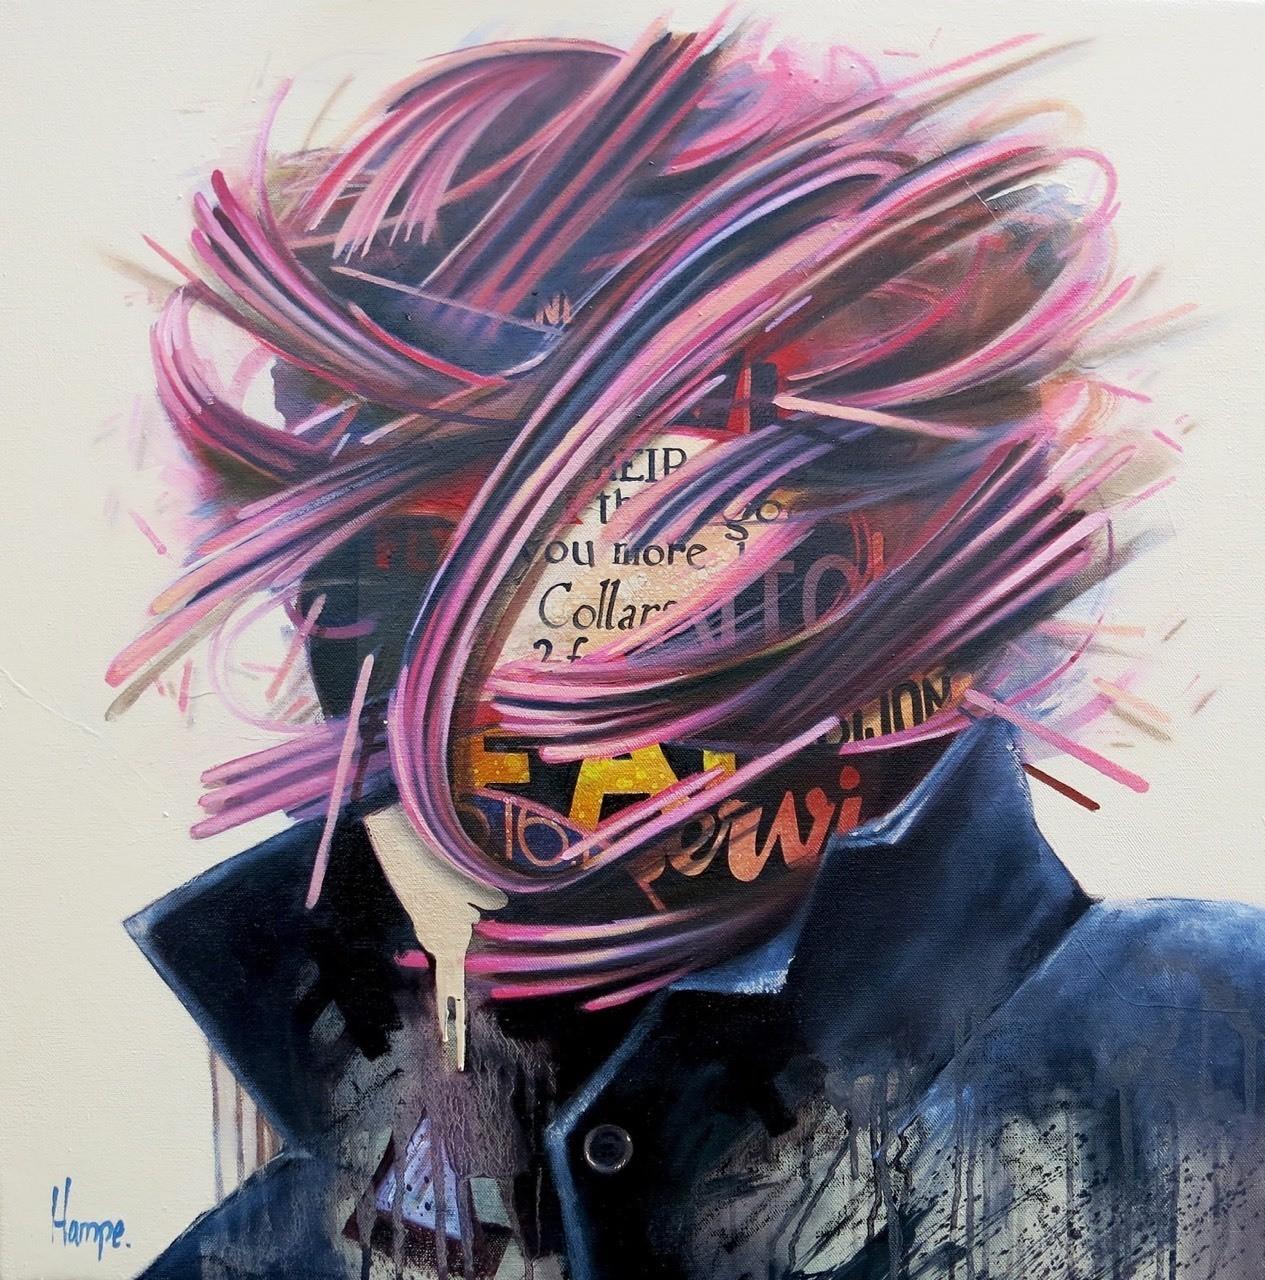 Artist: Dan Hampe Web: danhampe.com